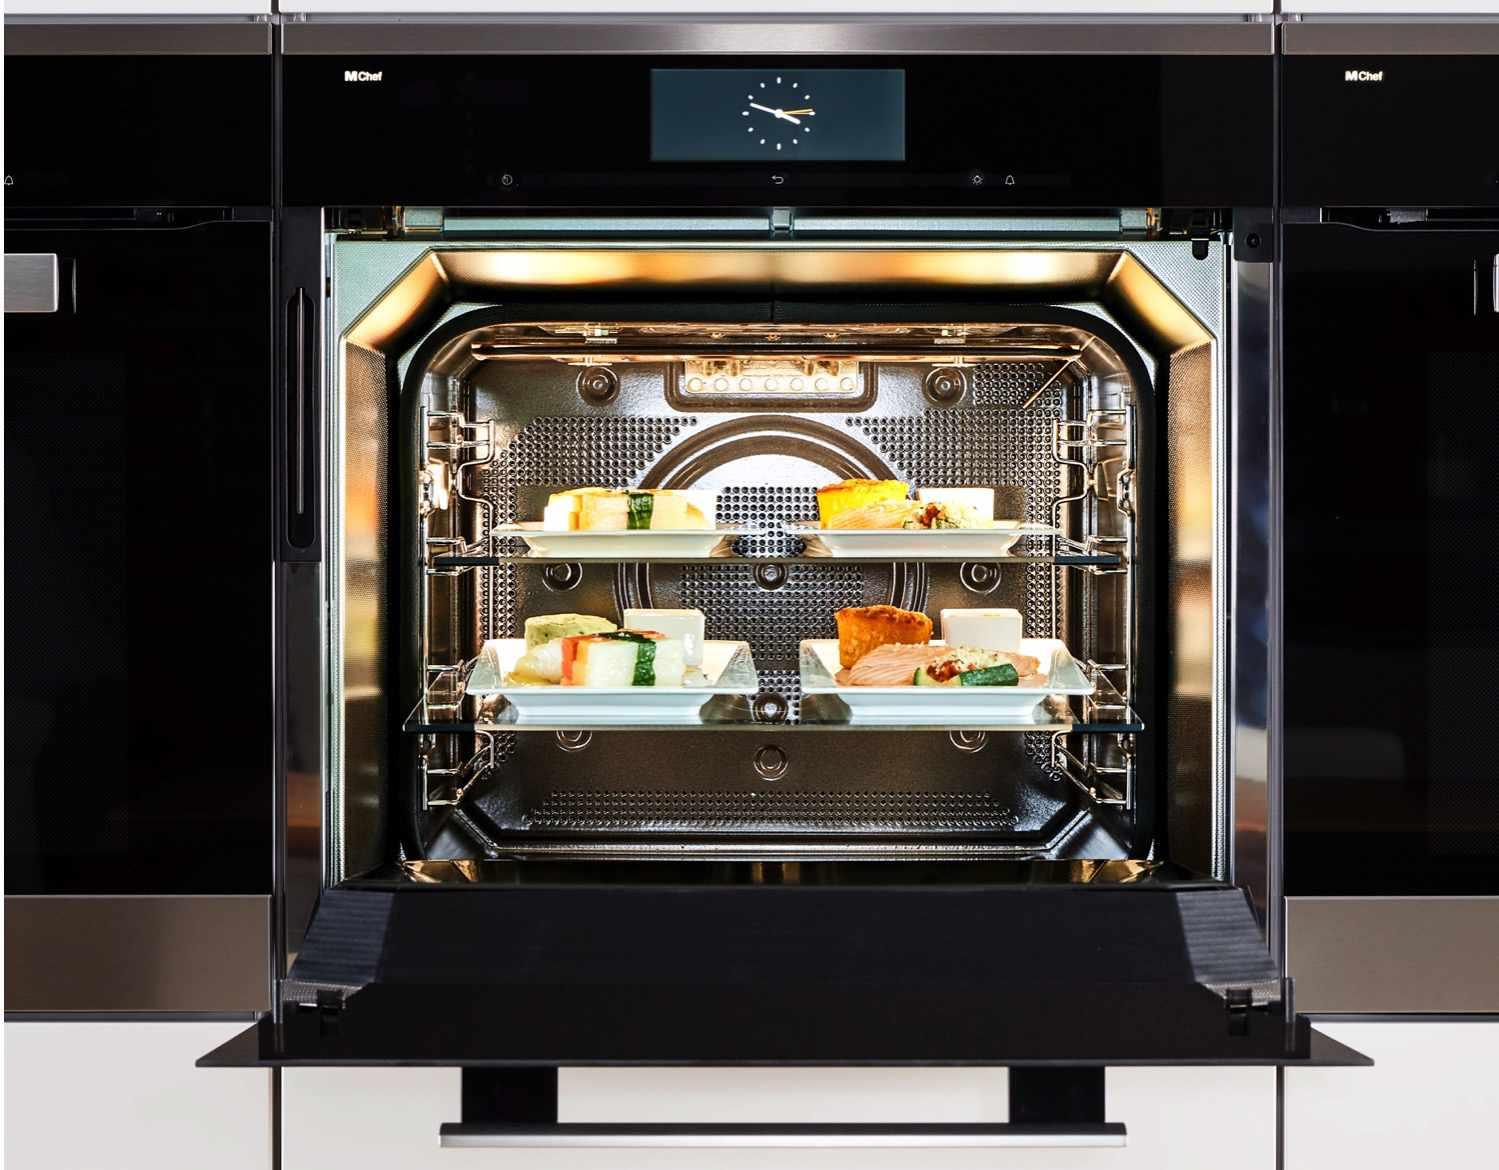 Dialog oven with door open